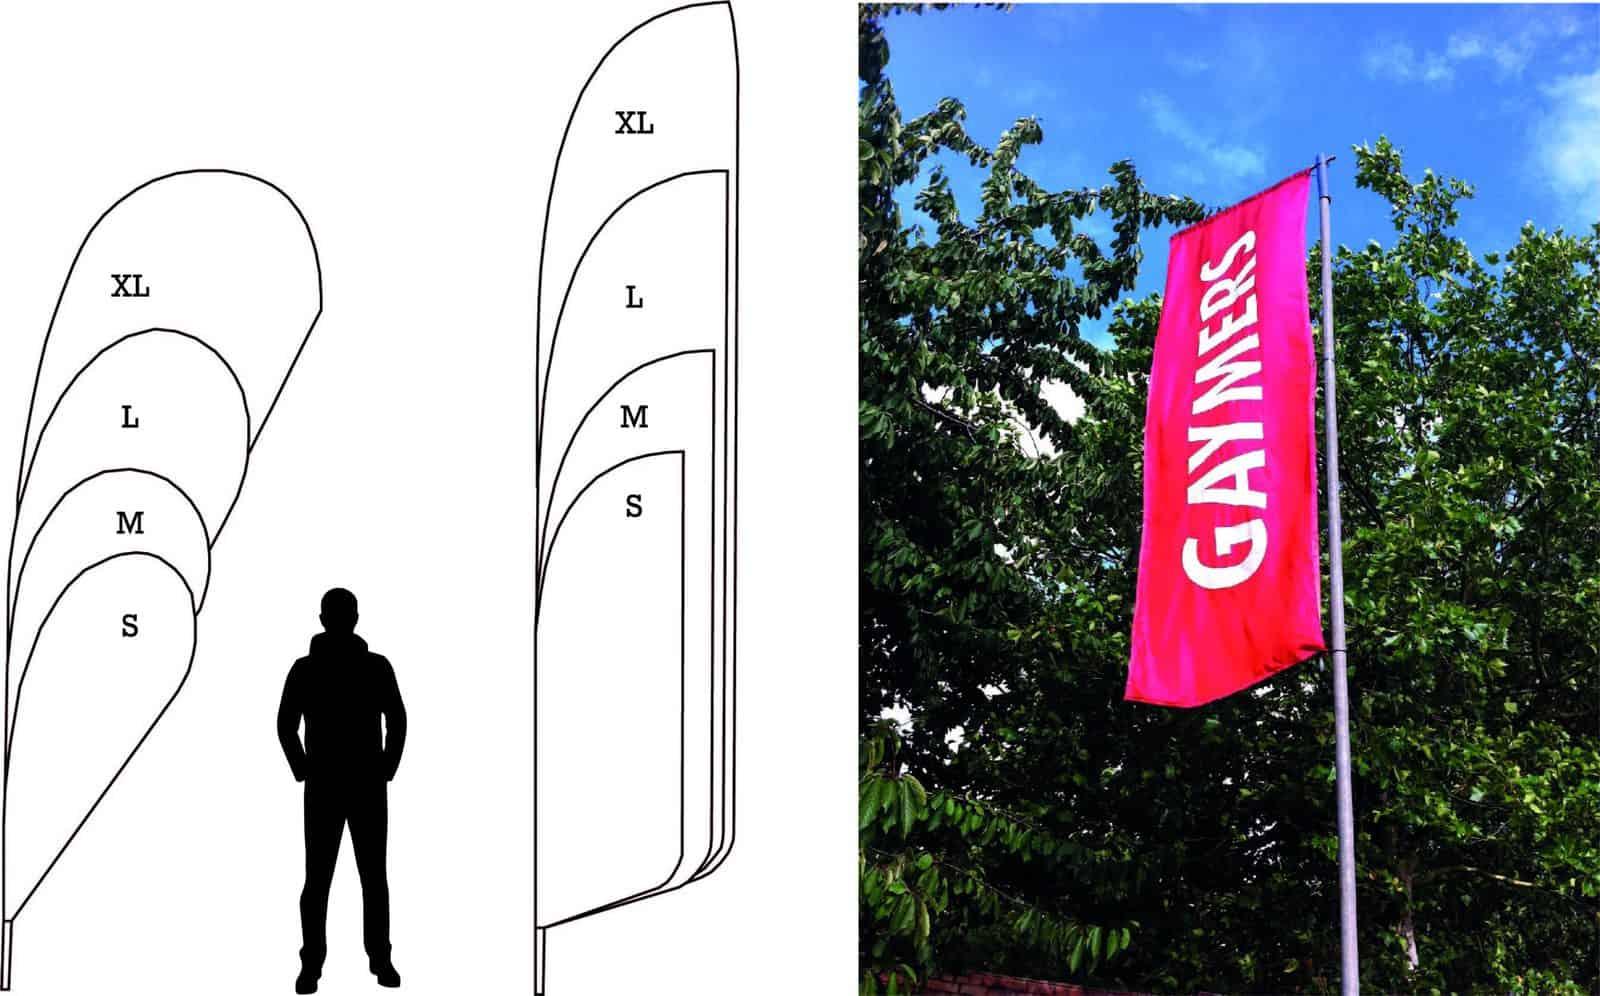 Flags Comparison